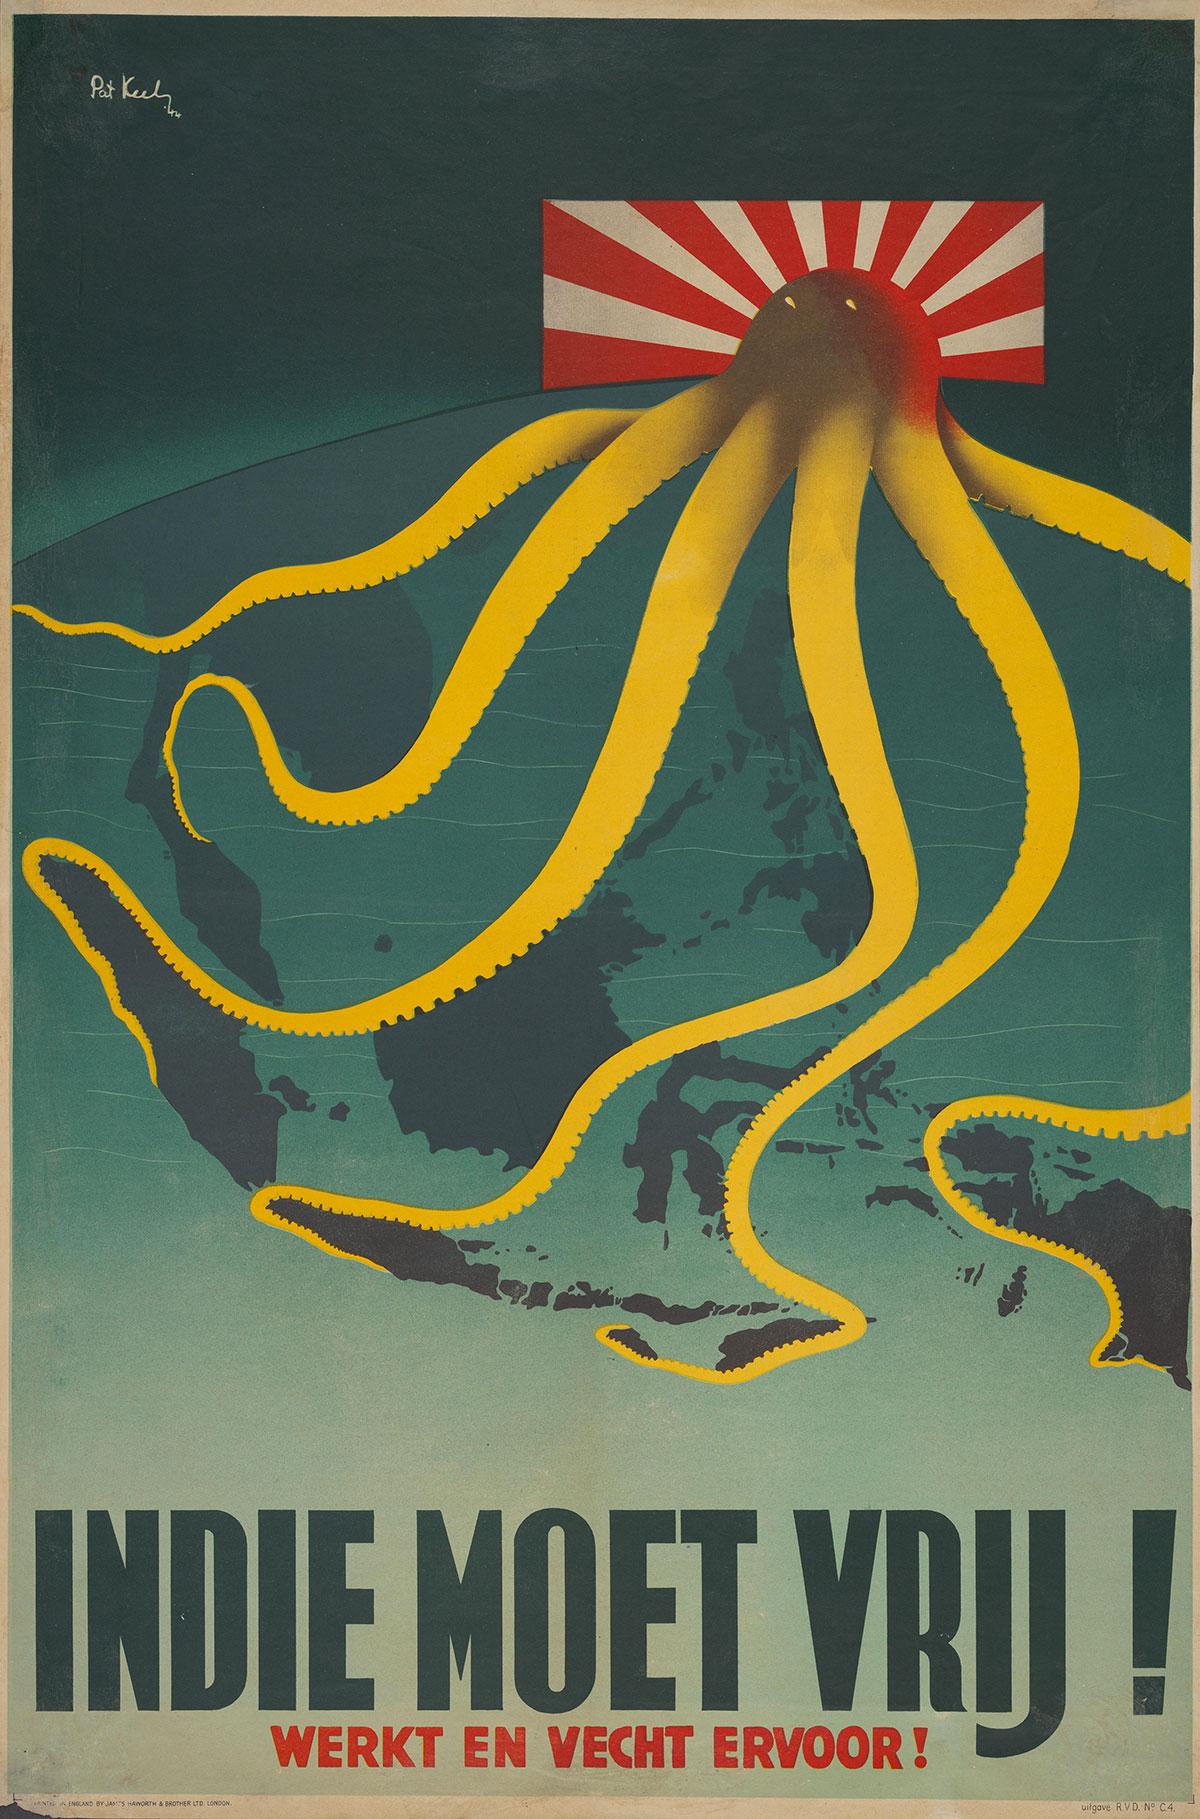 persuasive-map-octopus-india